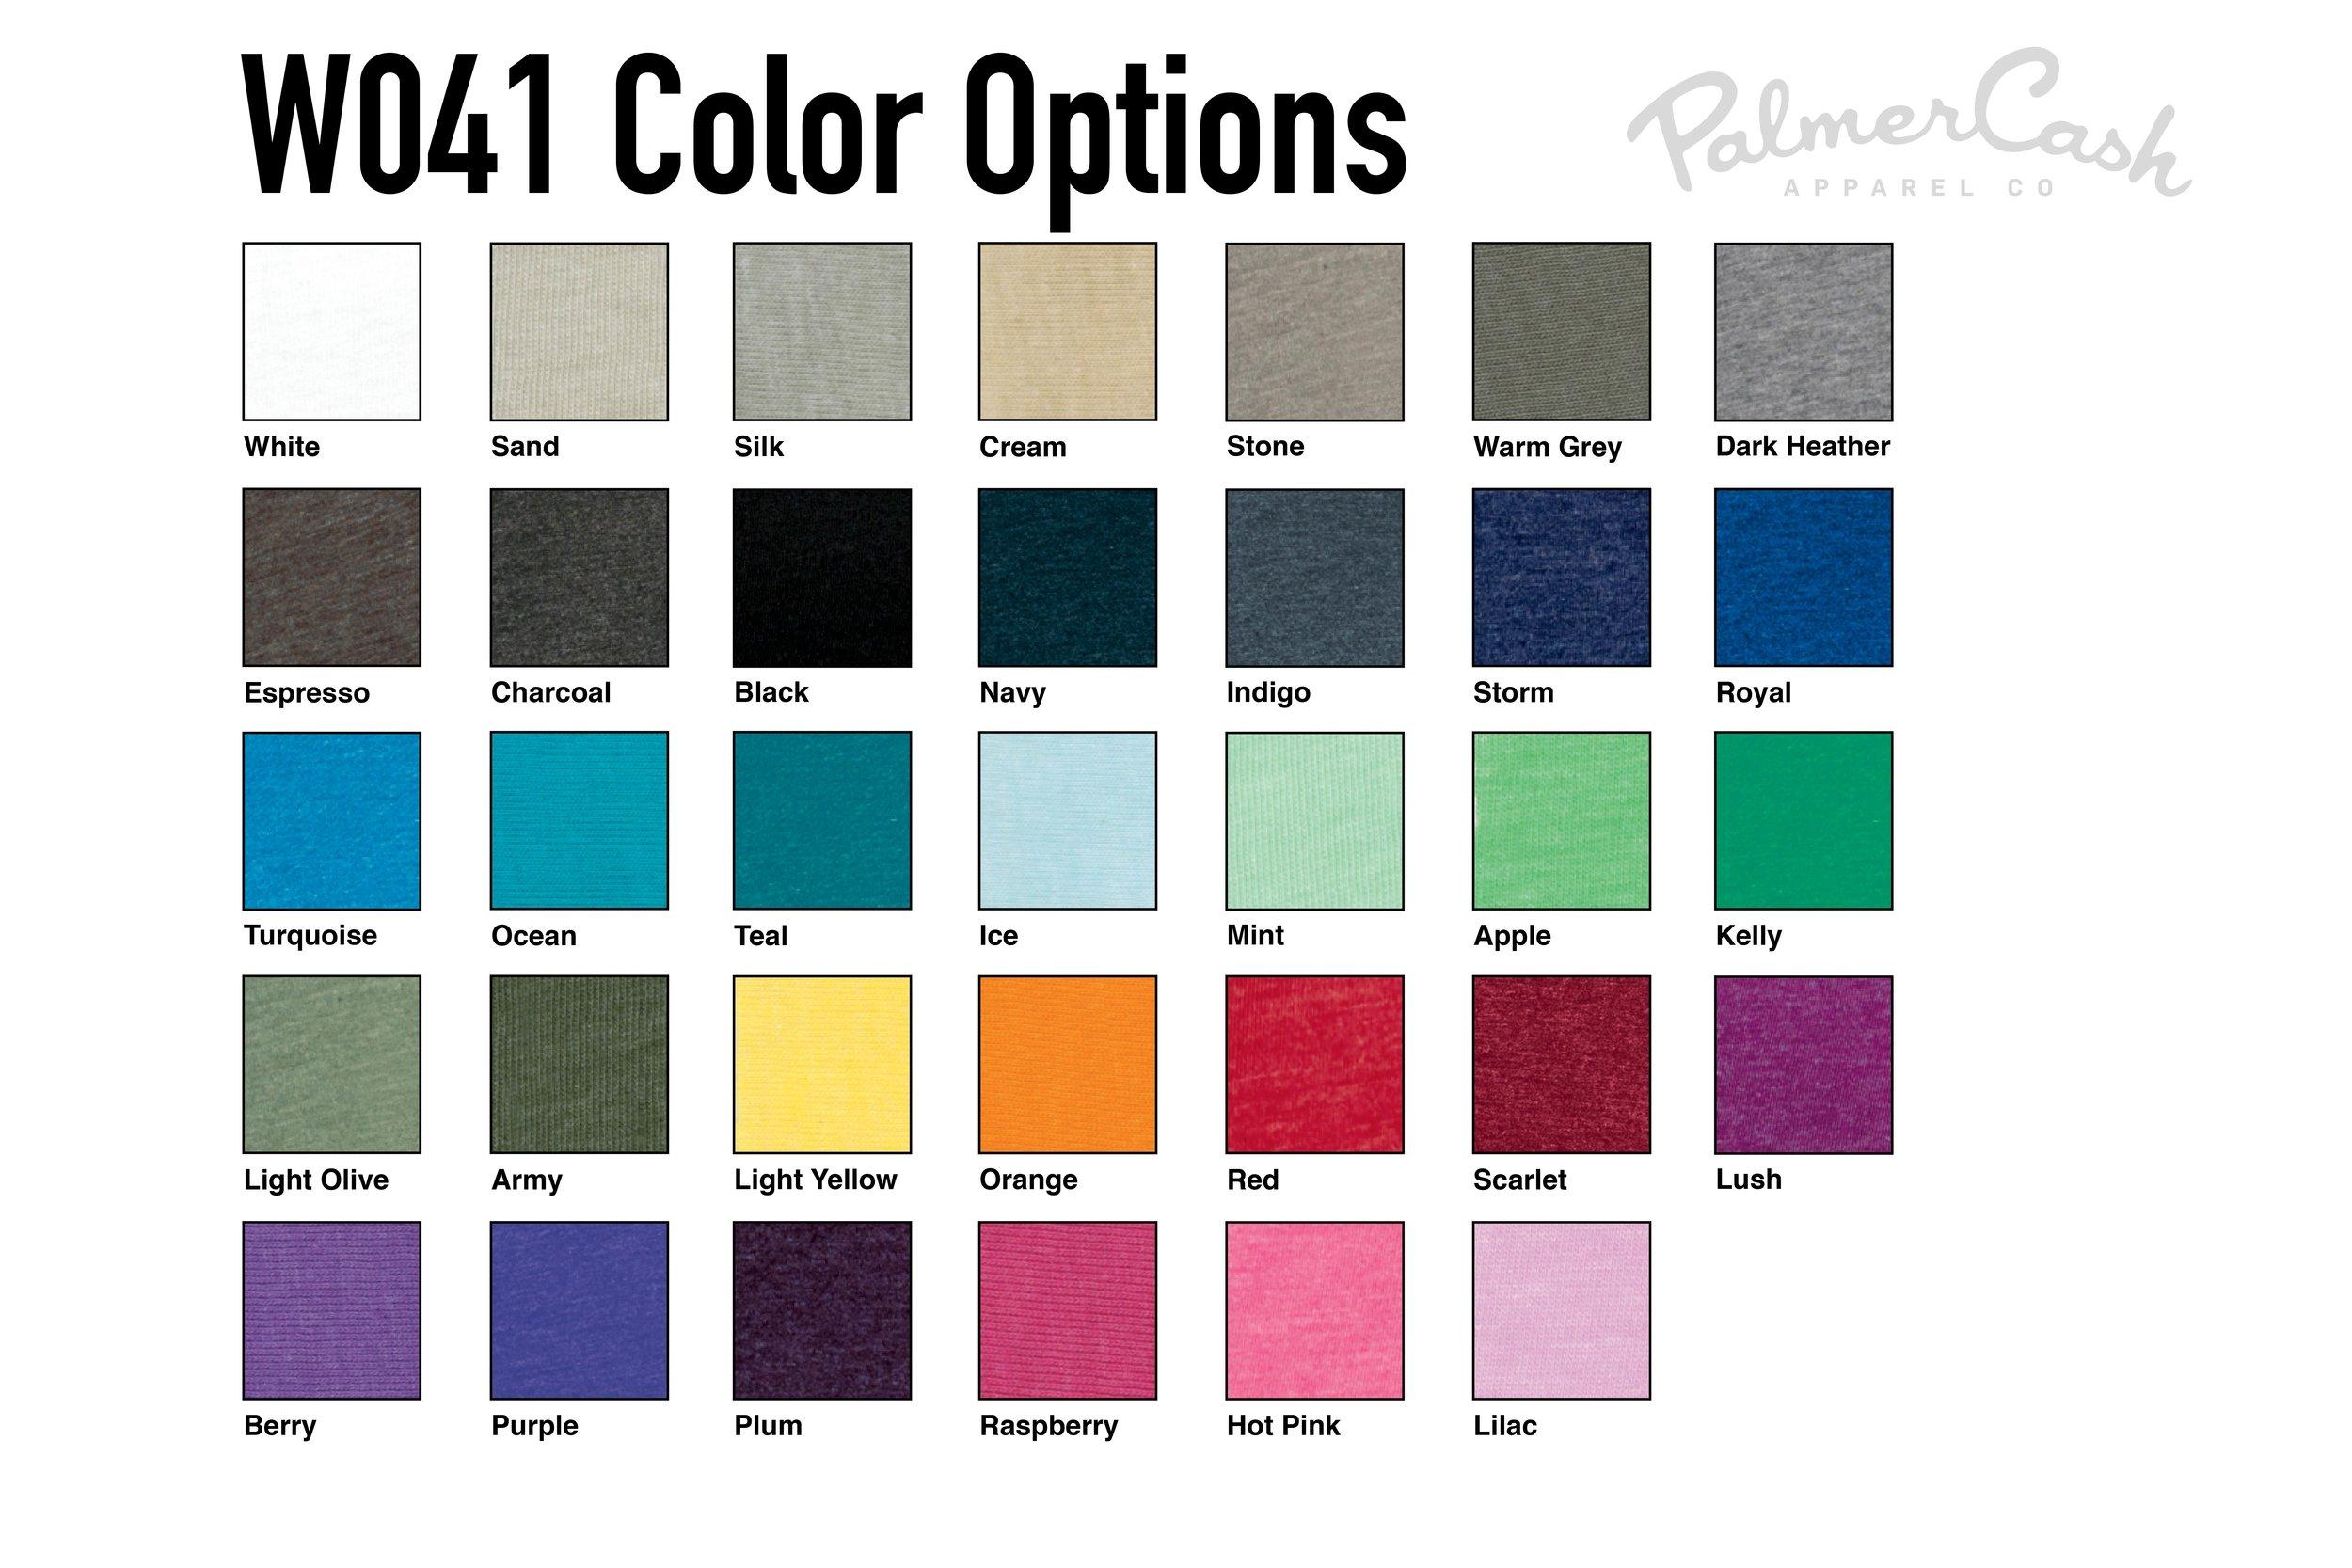 PC_W041_Color_Options_Web-01.jpg